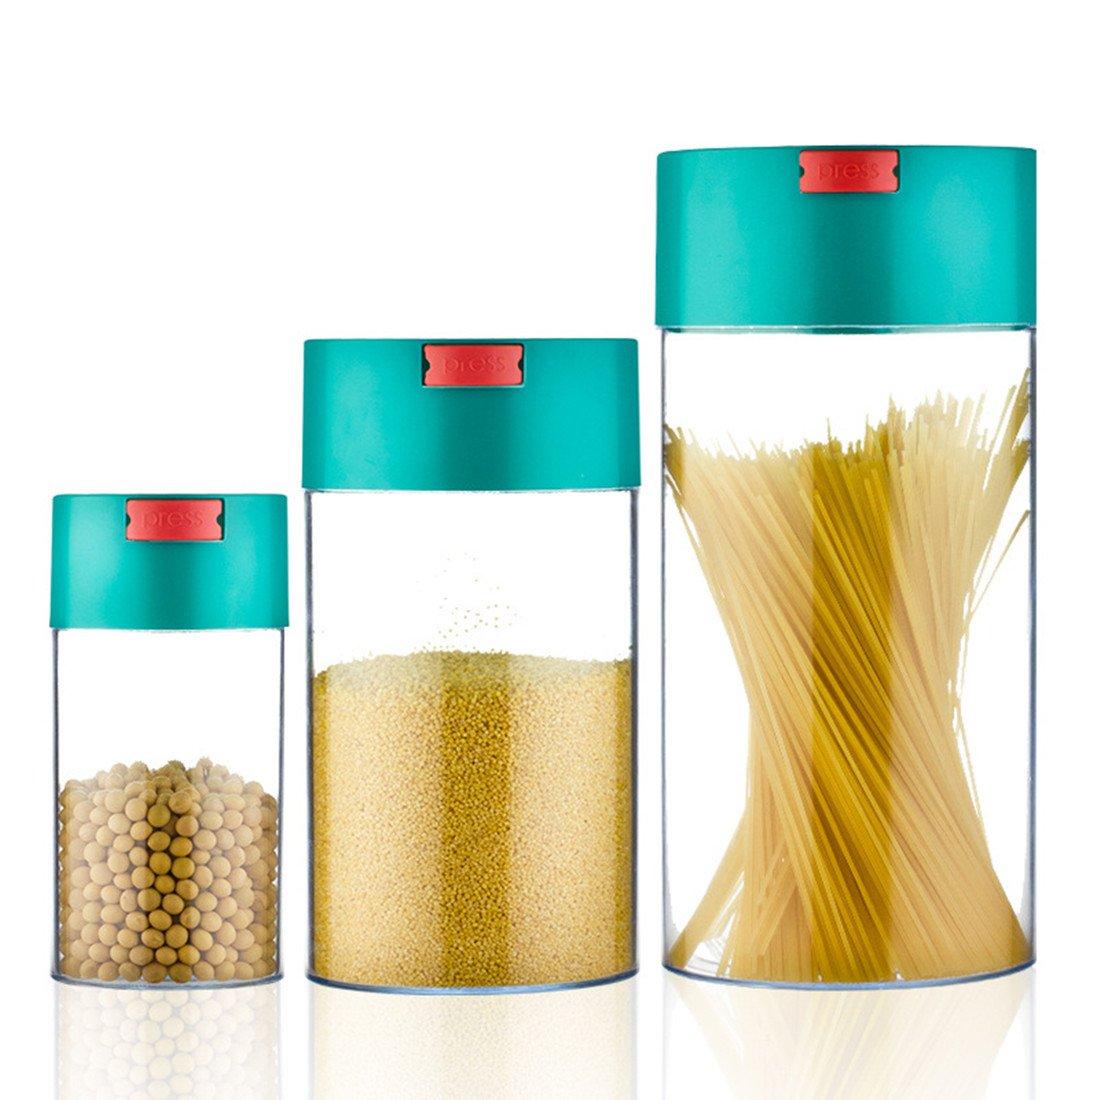 Juego de 3 recipientes de almacenamiento de alimentos sellados al vacío, fuertes, herméticos, duraderos, para alimentos secos, granos de café, té y hierbas